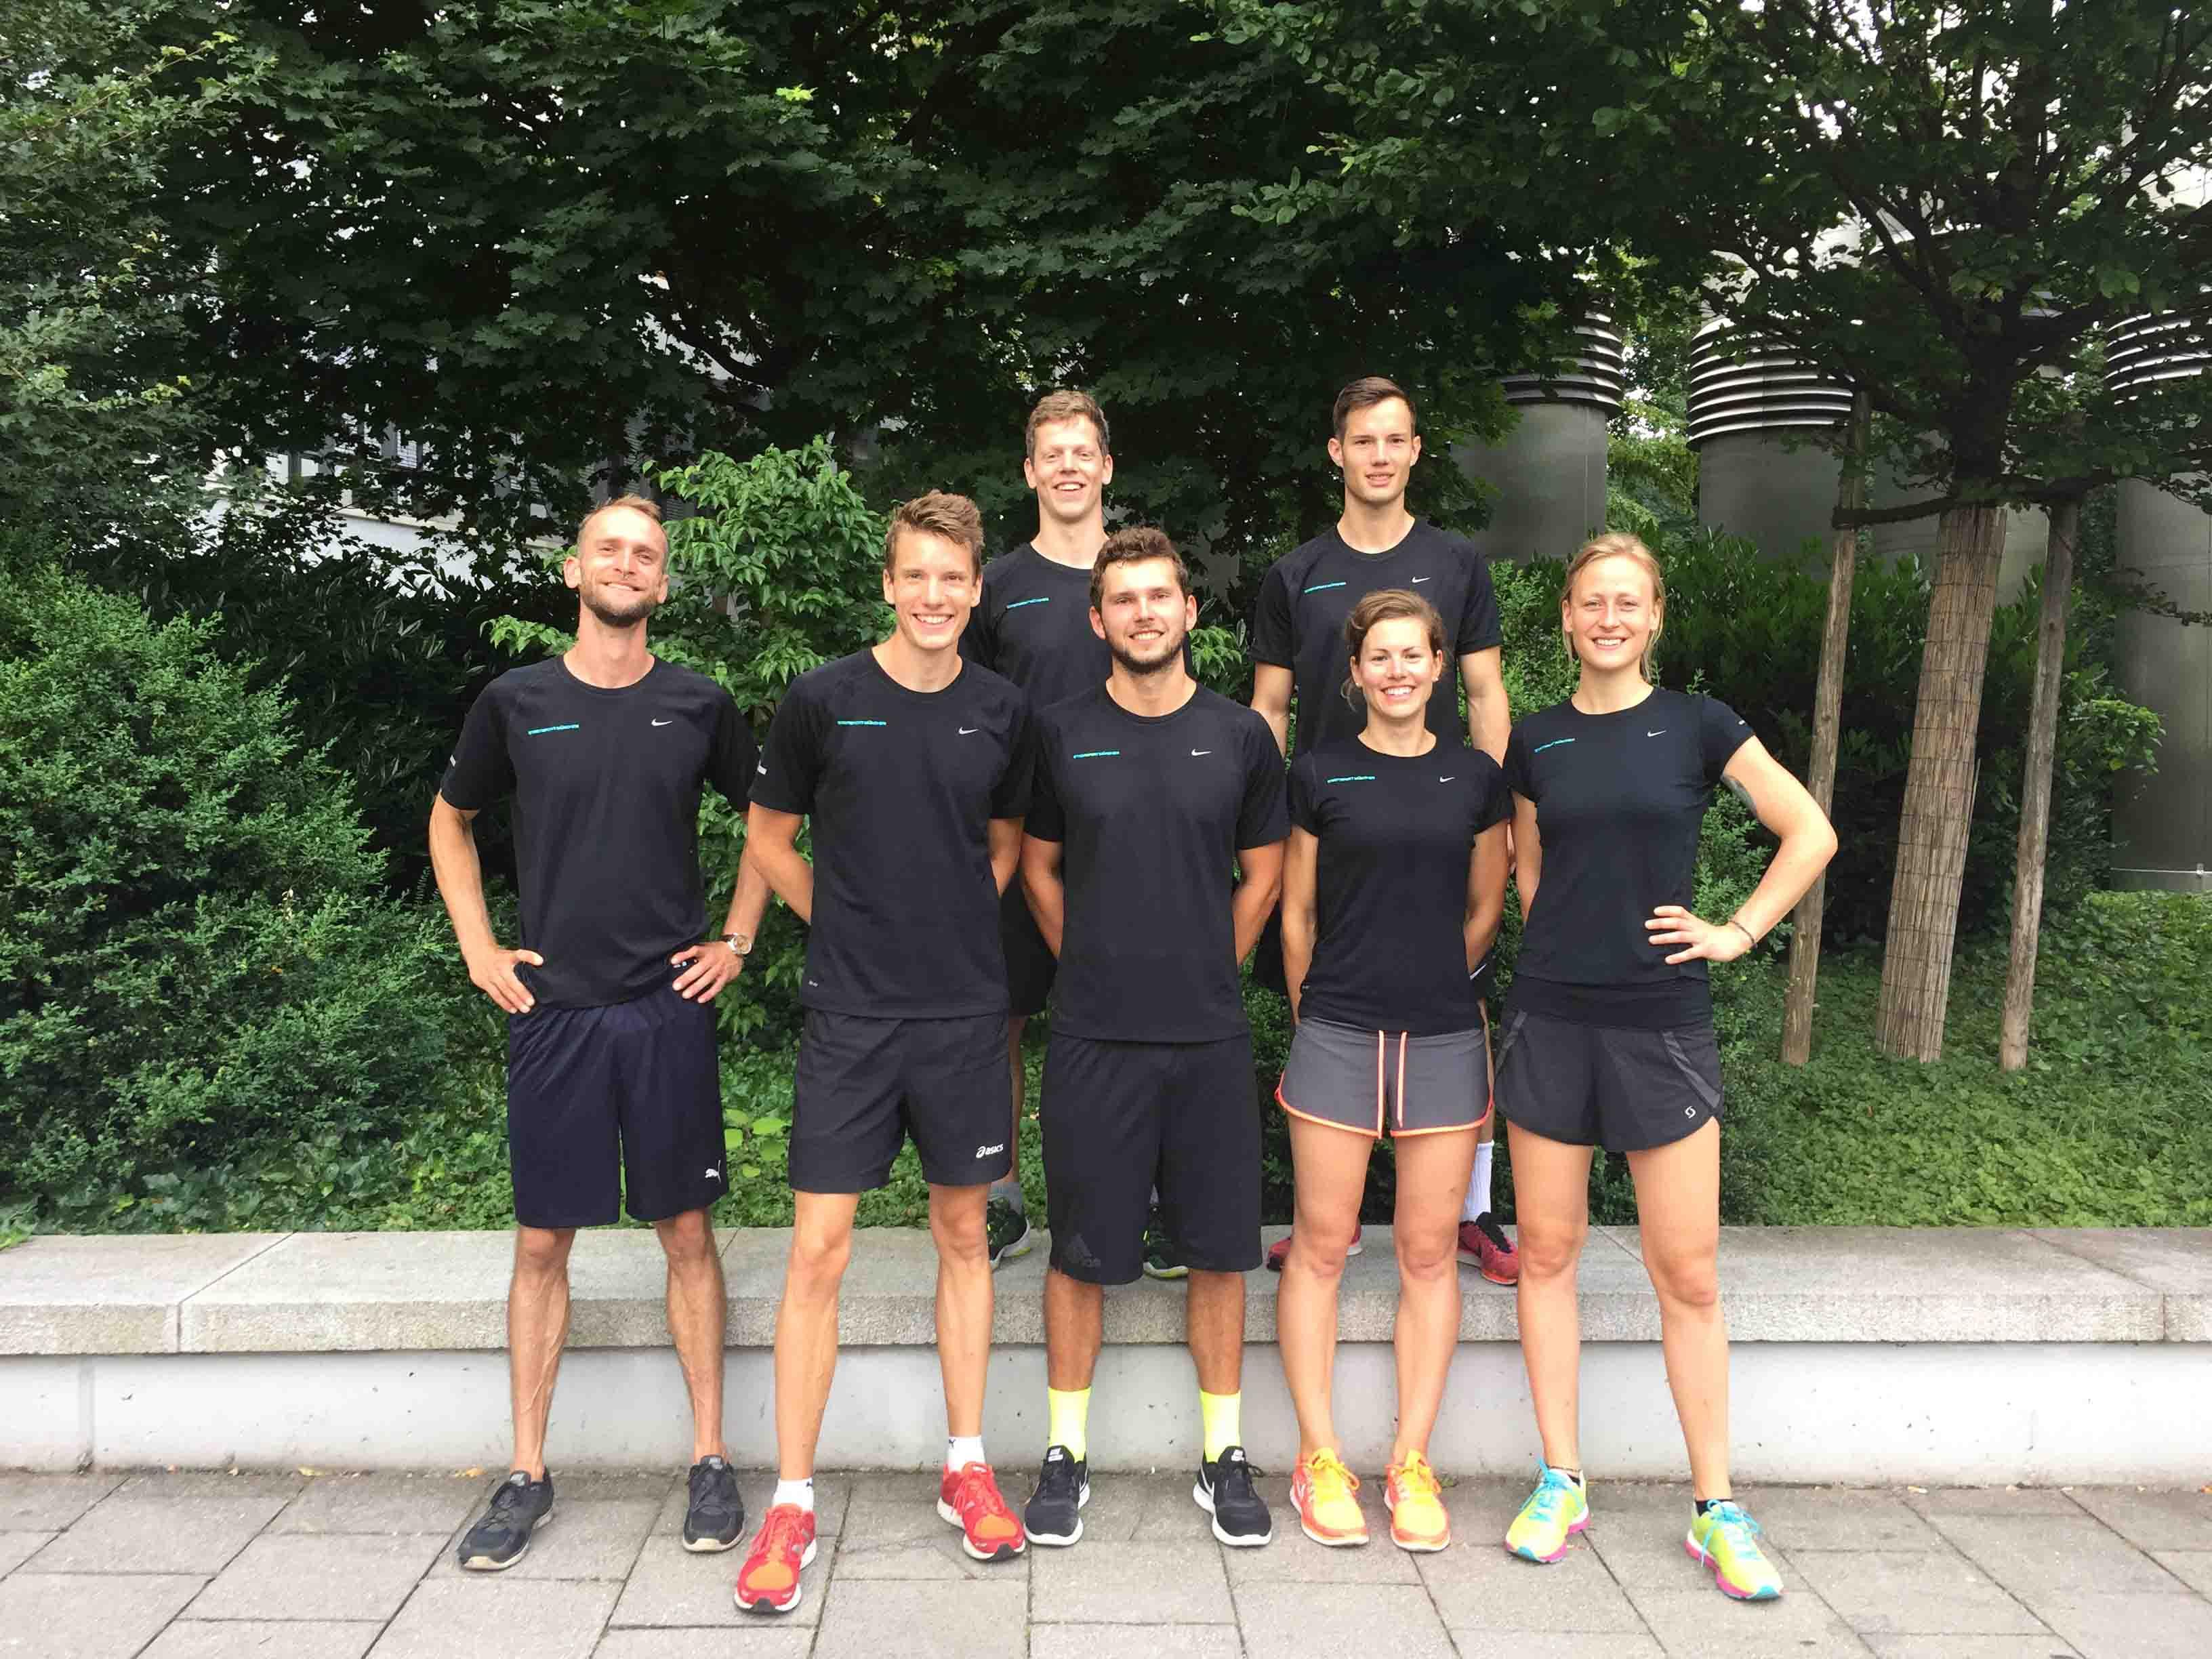 Stadtsport München Team 2016